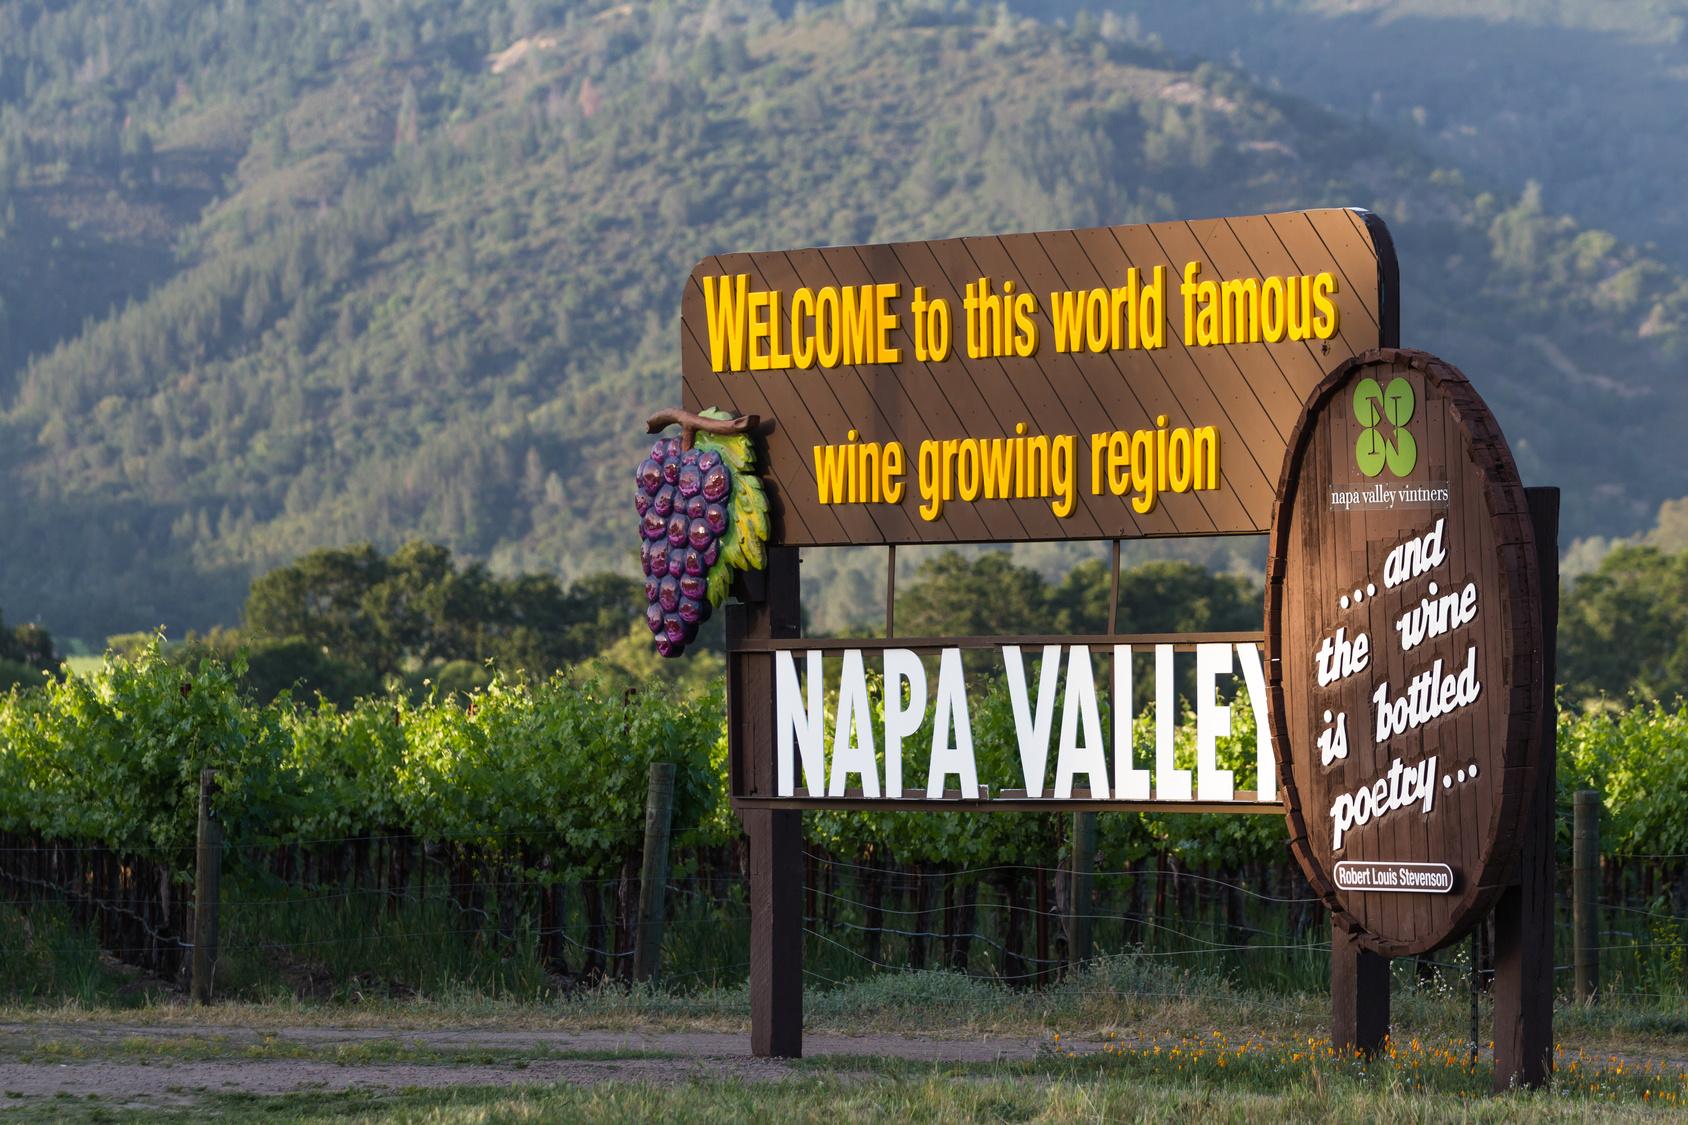 Amerikanische Weissweine aus Napa Valley sind selbst in Europa bekannt. (#01)